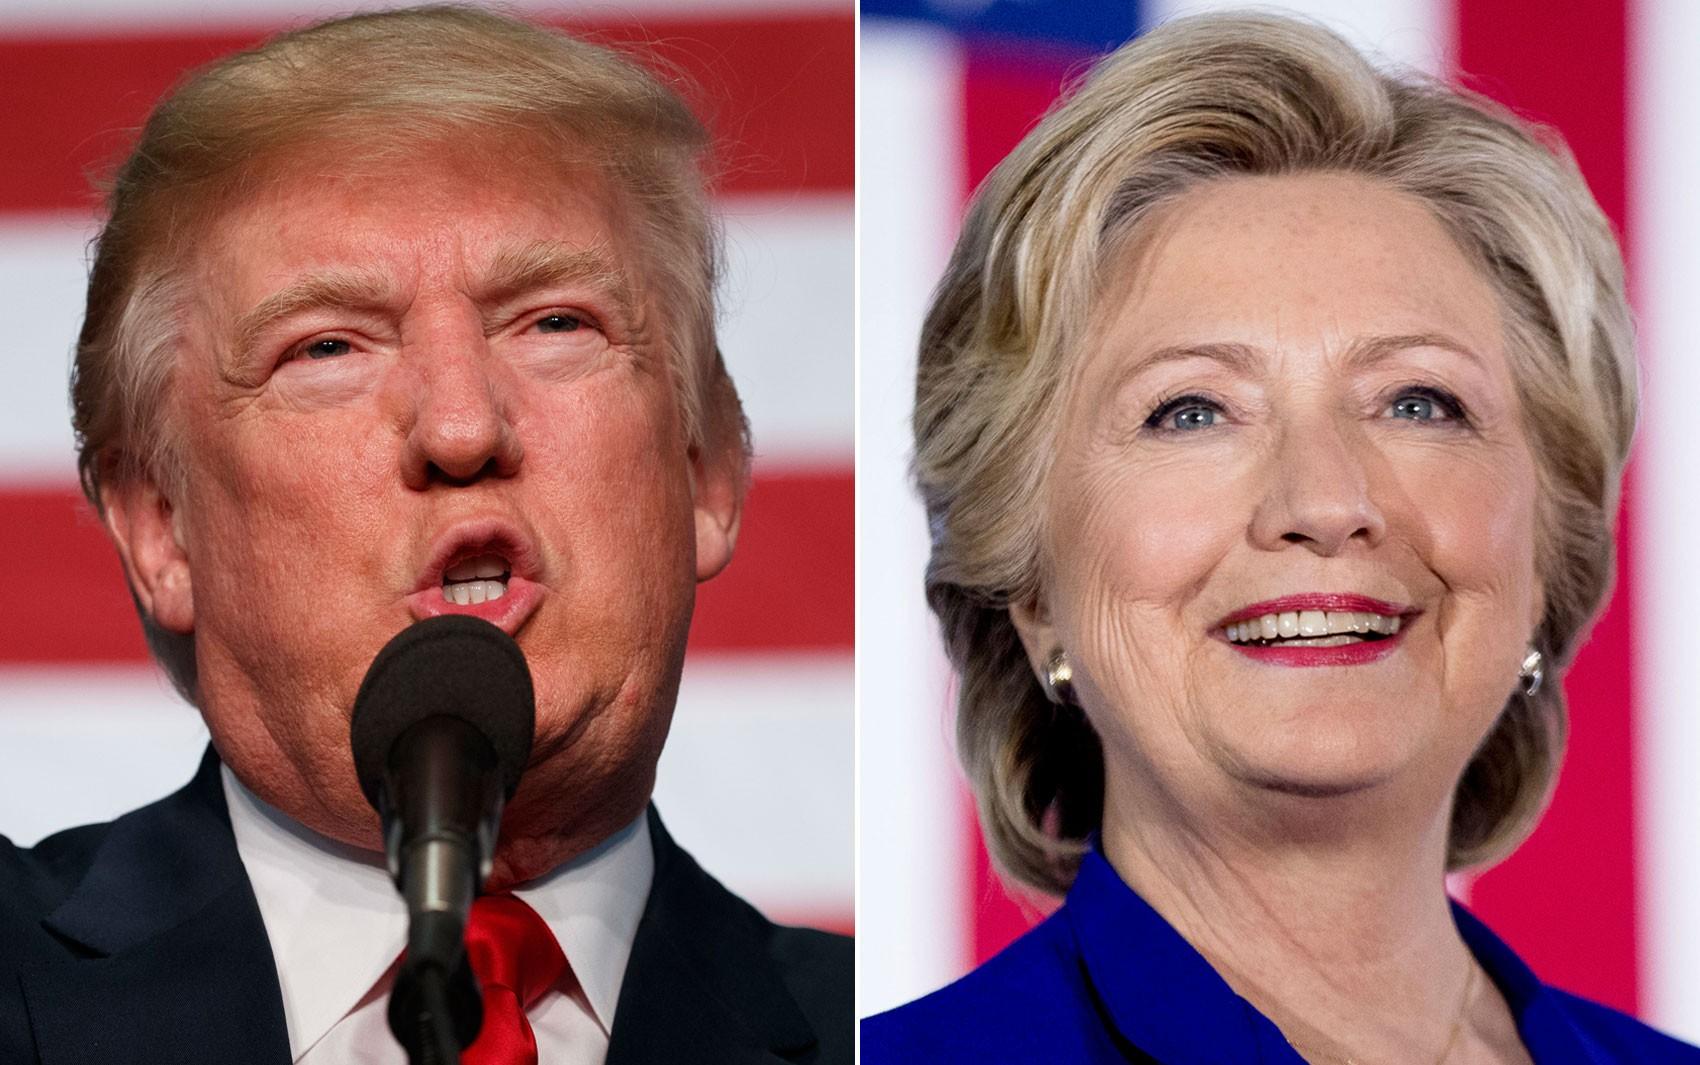 NÃO USAR ESTA FOTO    Donald Trump em Golden, Colorado, no dia 29 de outubro, e Hillary Clinton em Las Vegas, Nevada, em 2 de novembro  (Foto: AP Photo/Evan Vucci/Andrew Harnik)